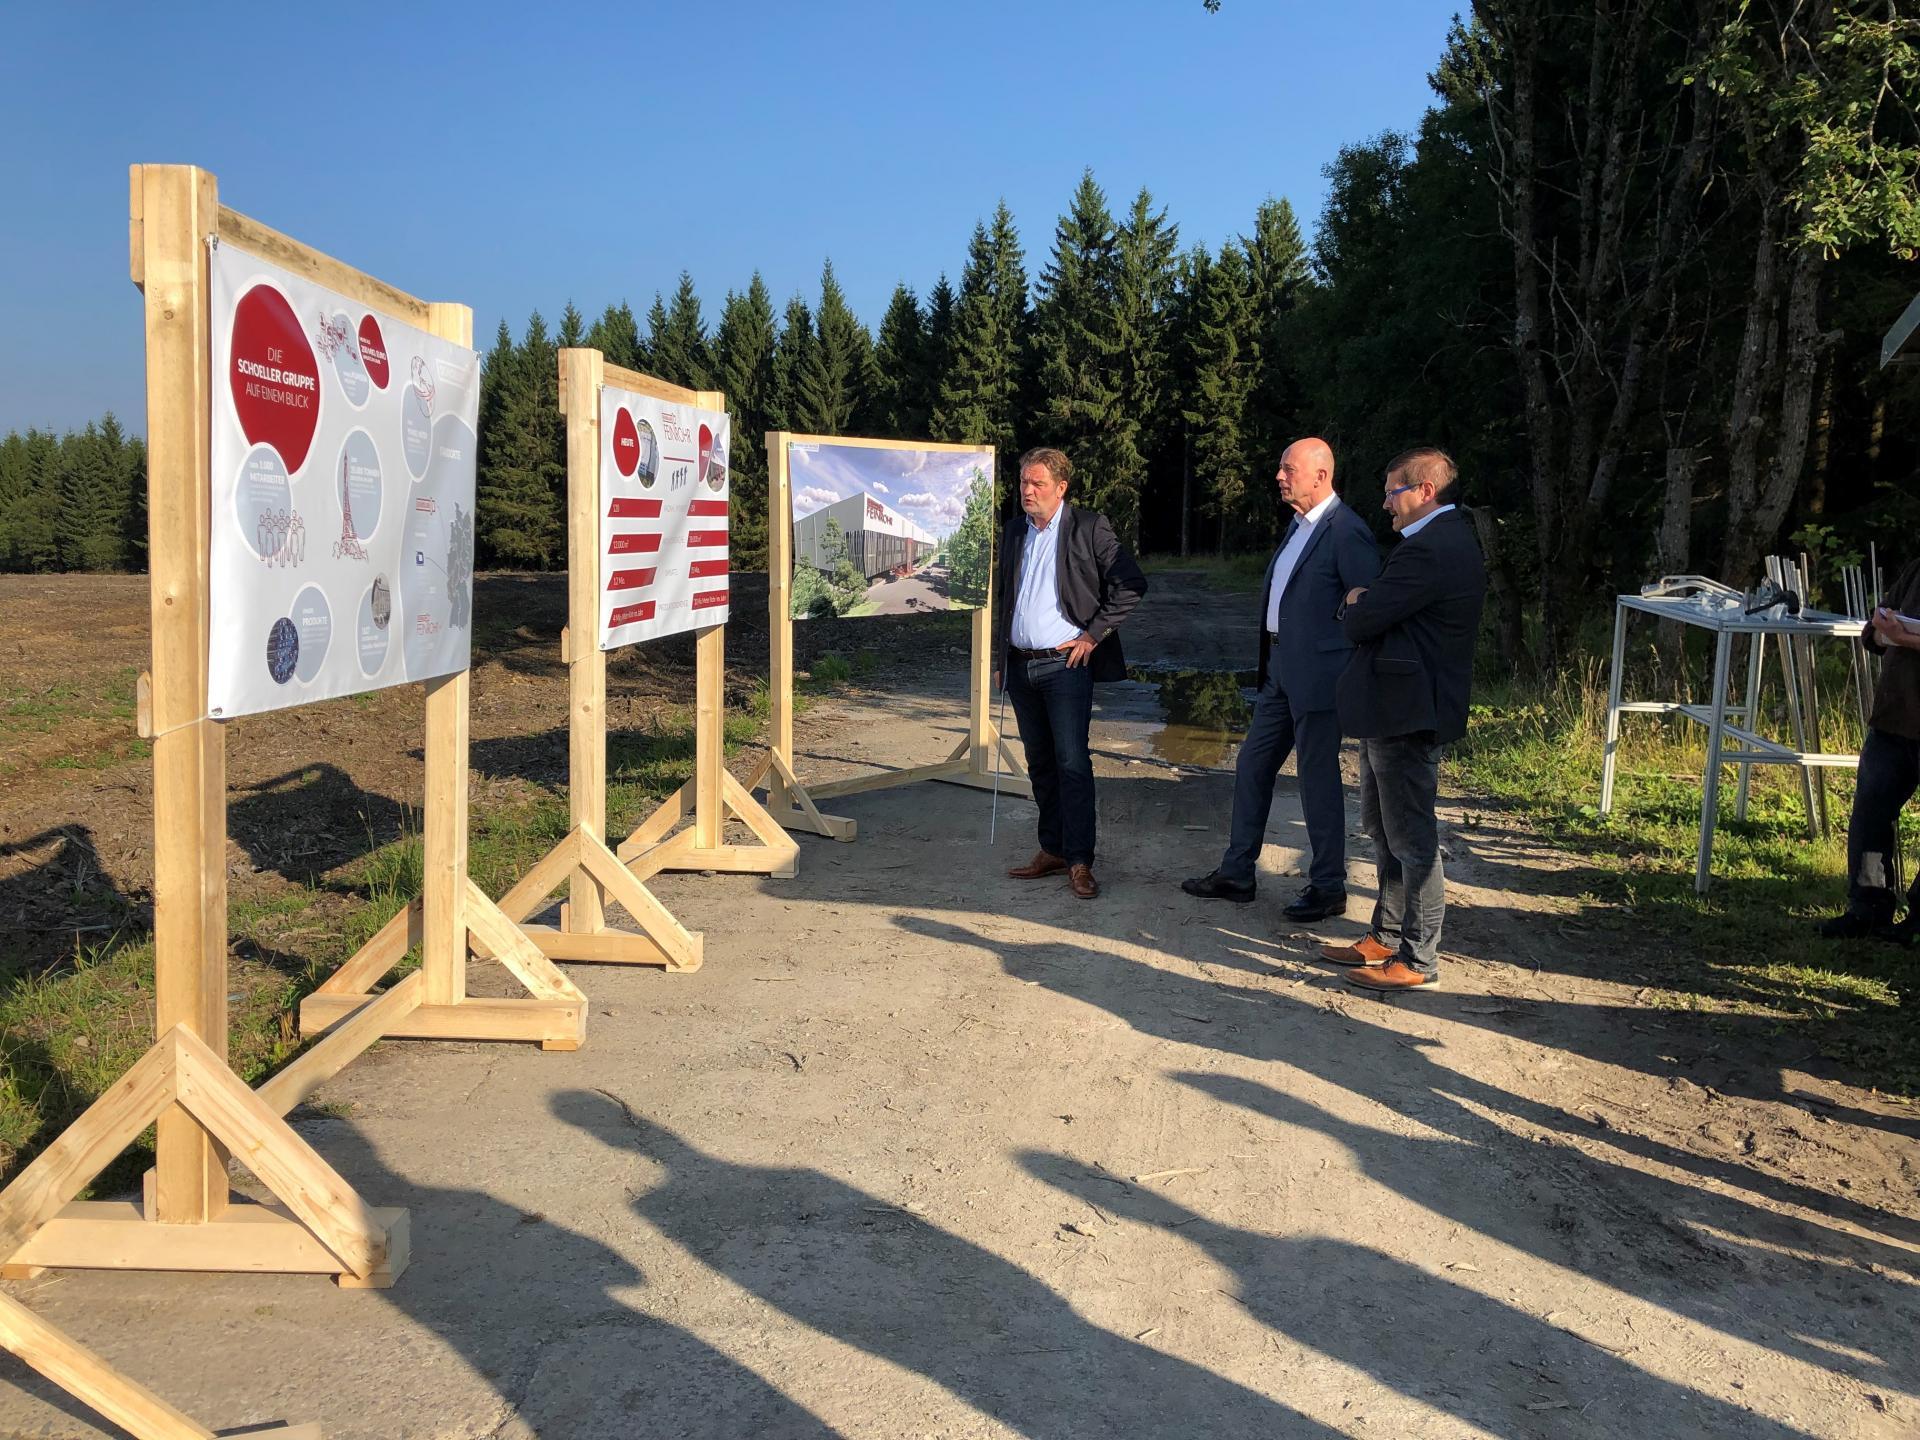 Von links: Geschäftsführer Markus Zübert, Minister Wolfgang Tiefensee und Bürgermeister Uwe Scheler